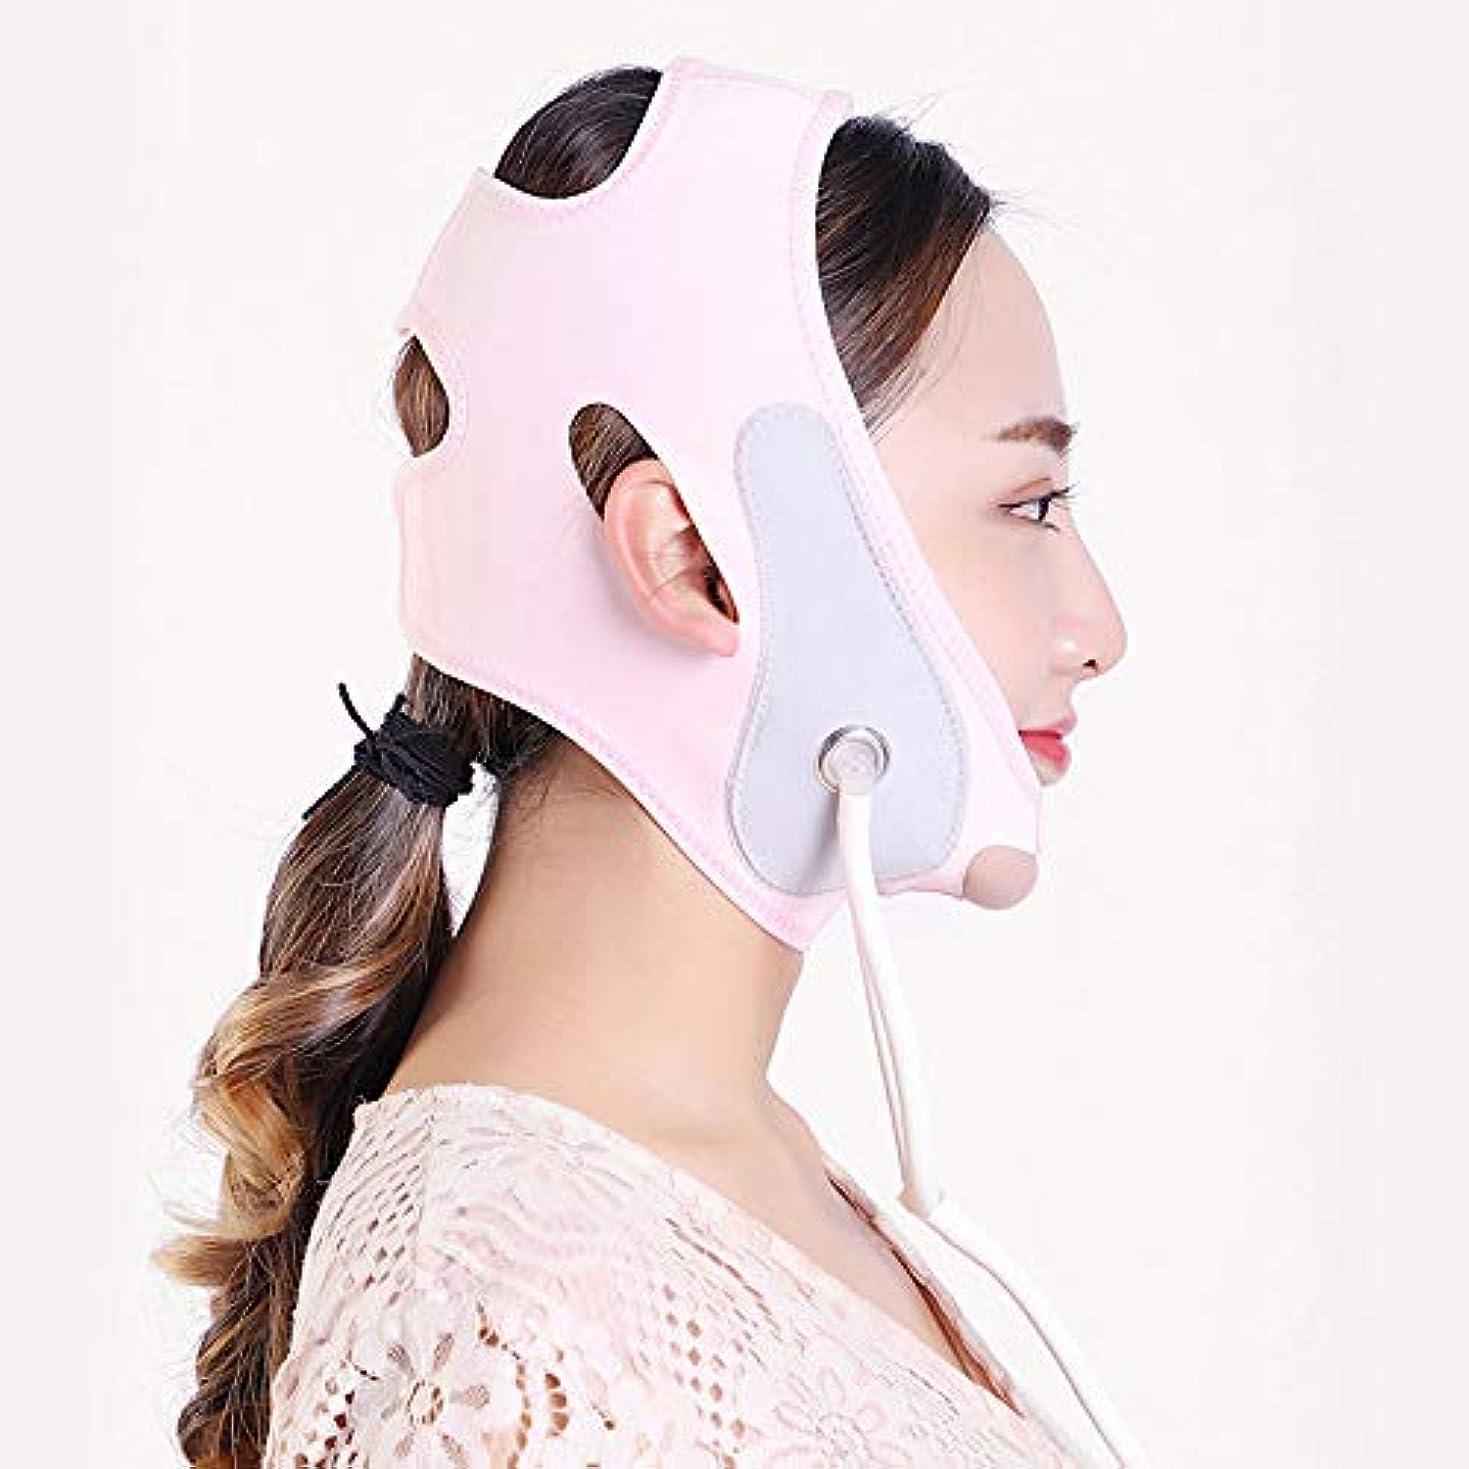 借りる暗くする注釈を付ける膨脹可能なVのマスク、持ち上がる咬筋の筋肉収縮のあごの睡眠ベルト/膨脹可能なベルト/包帯を持ち上げる